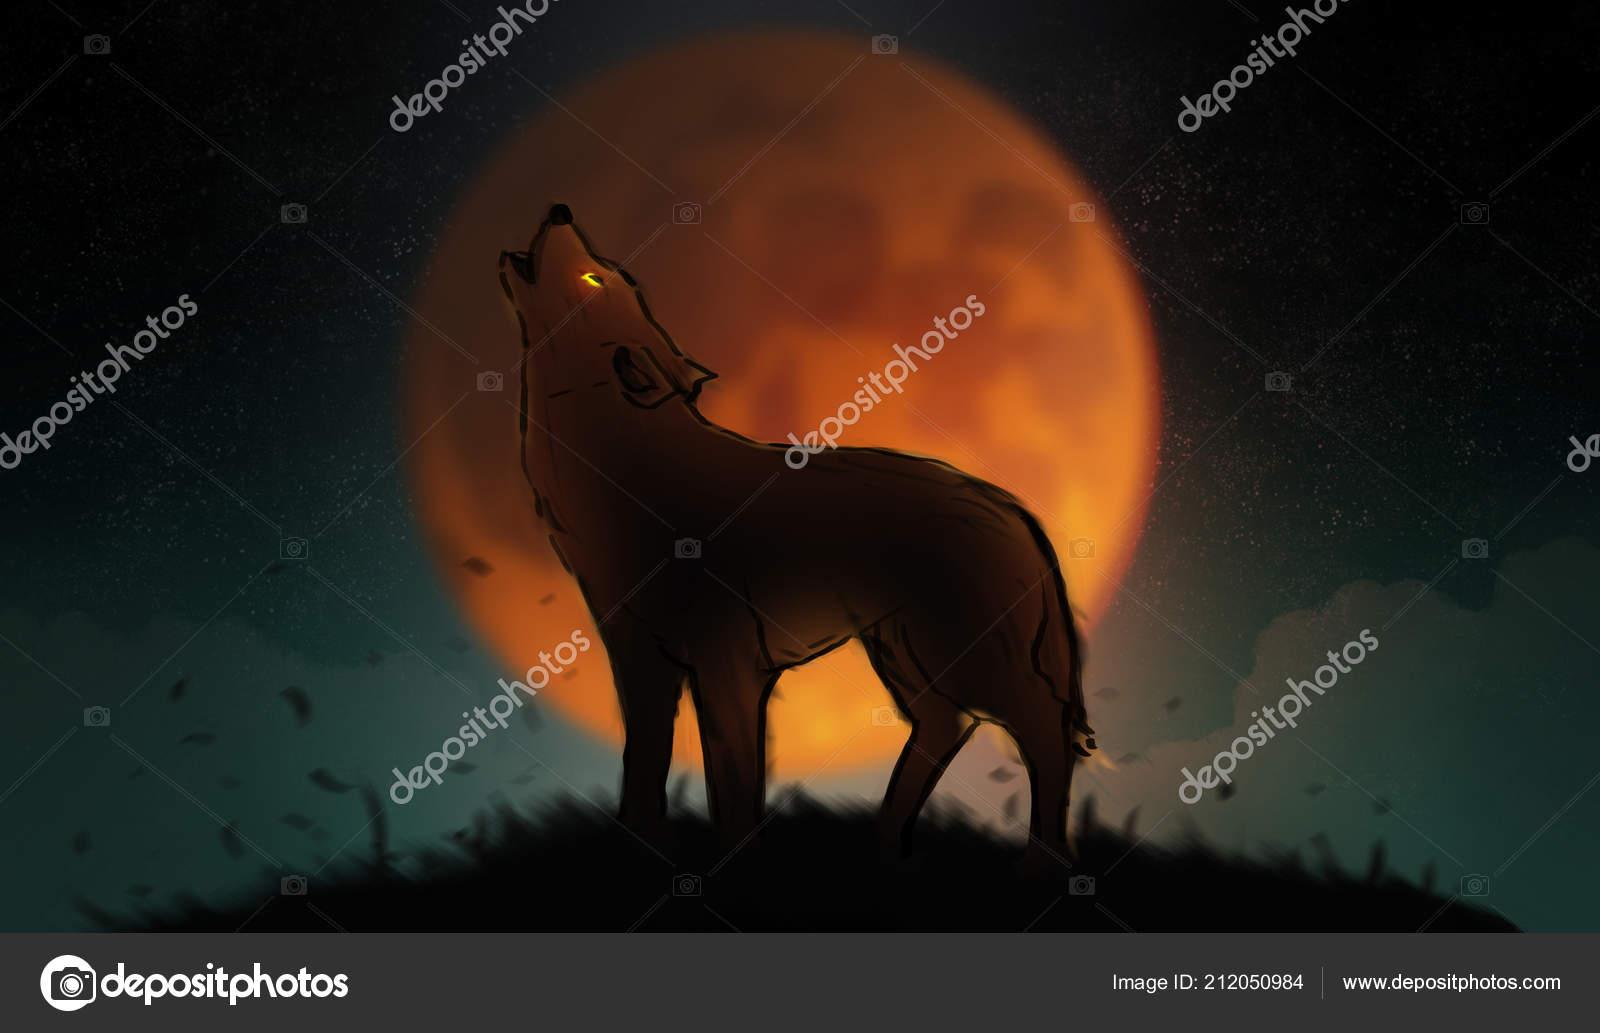 Download 560 Koleksi Background Art Wolf HD Paling Keren